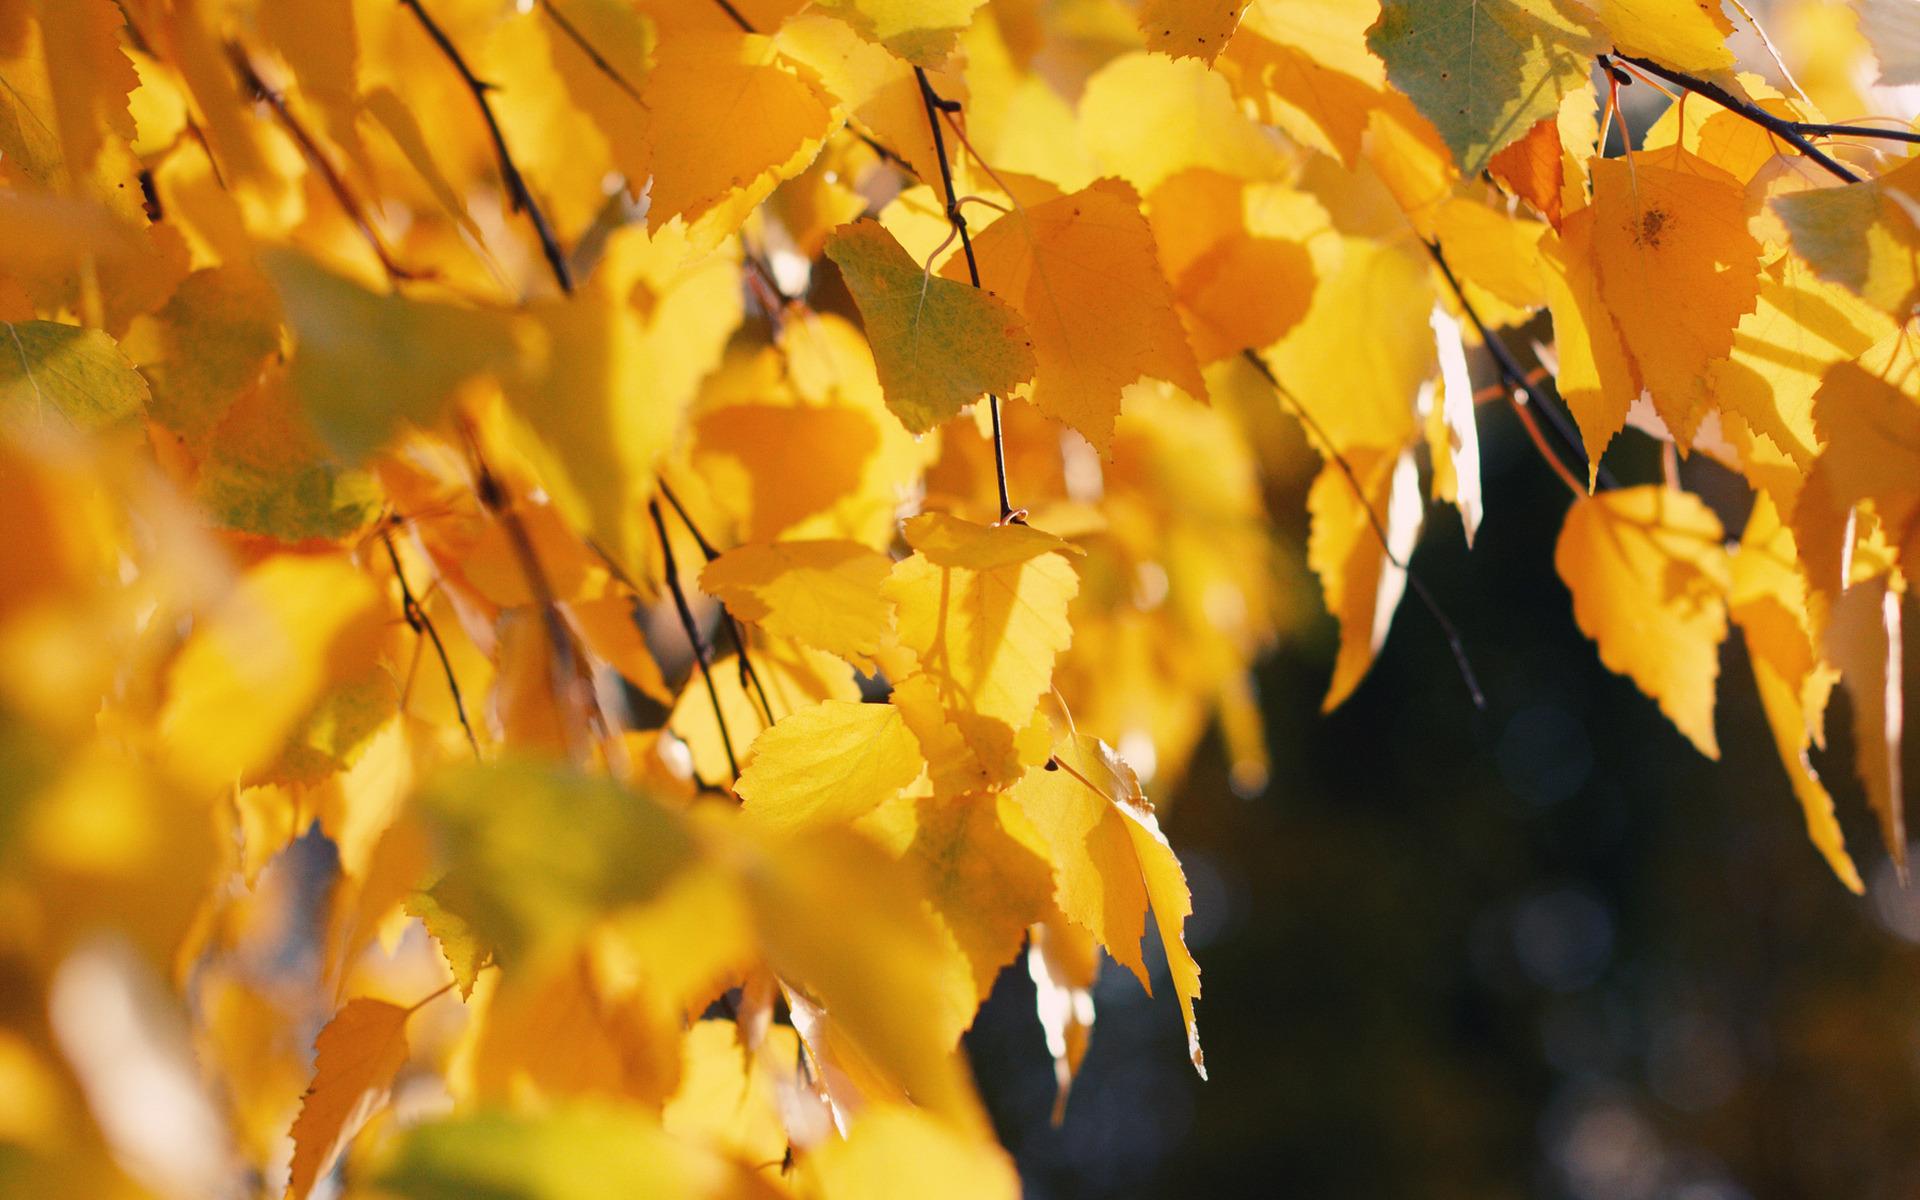 природа лист осень деревья бесплатно